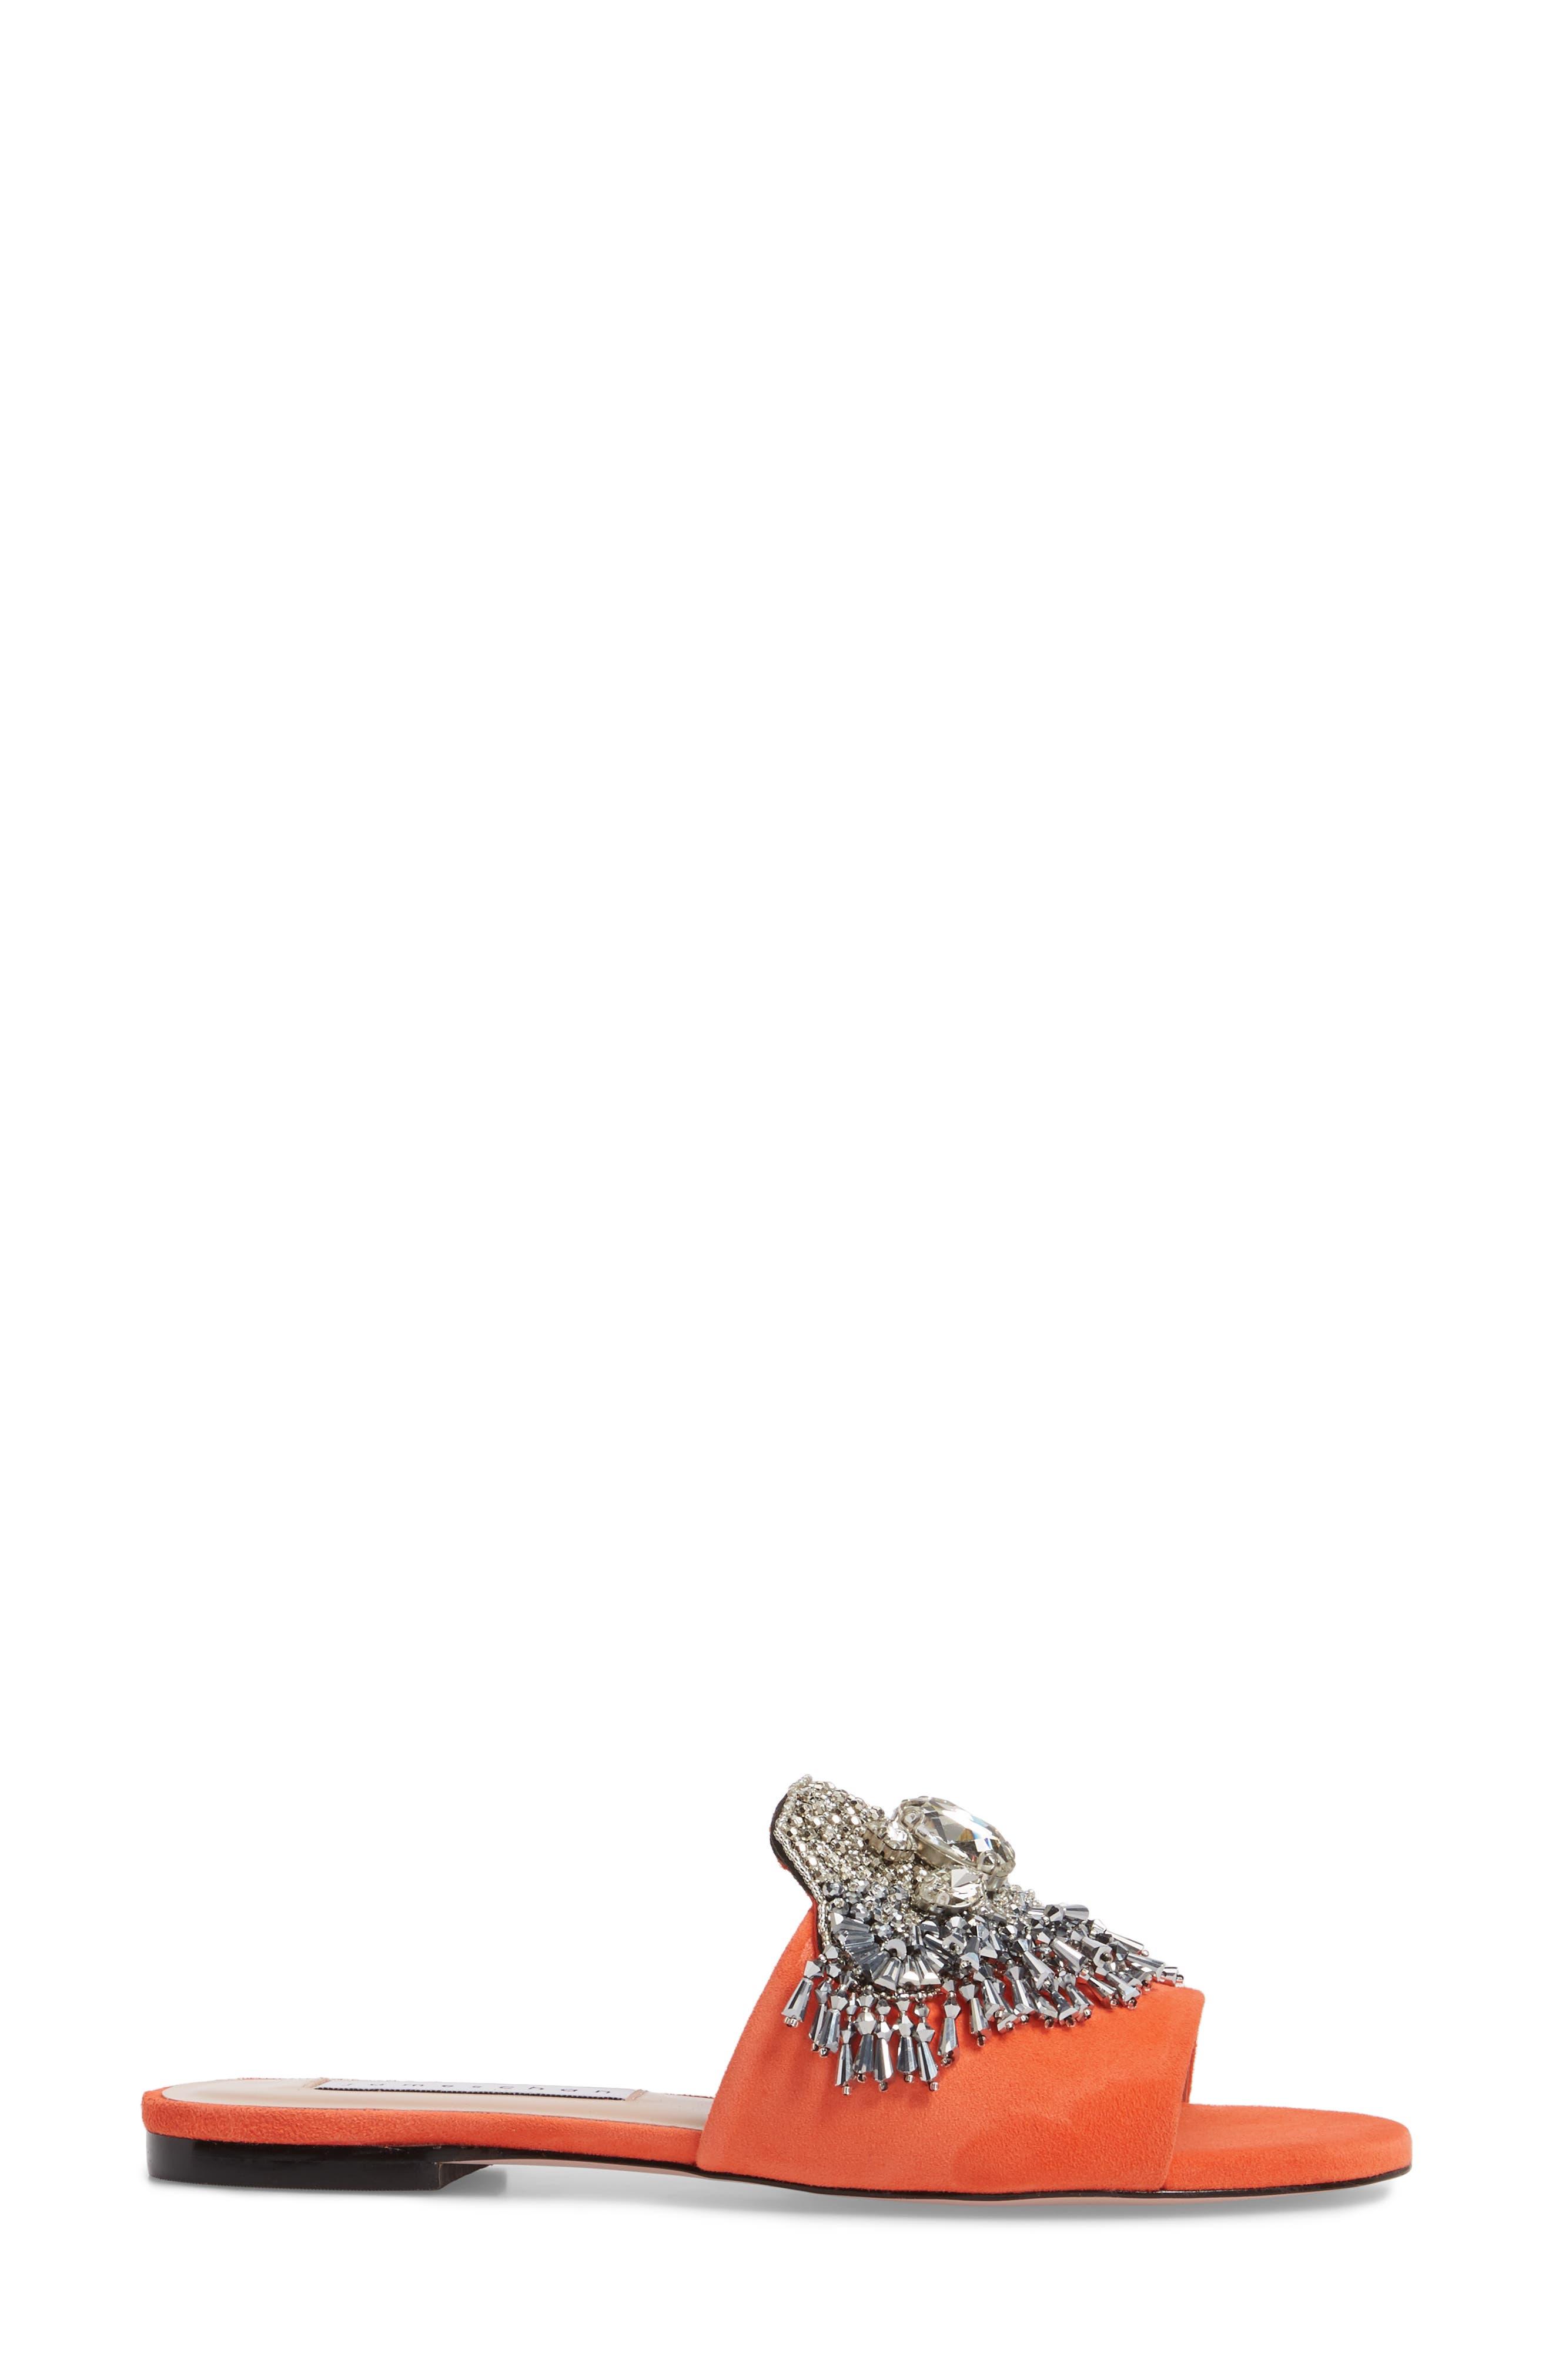 Jallie Crystal Embellished Slide,                             Alternate thumbnail 3, color,                             Sun Kiss Suede